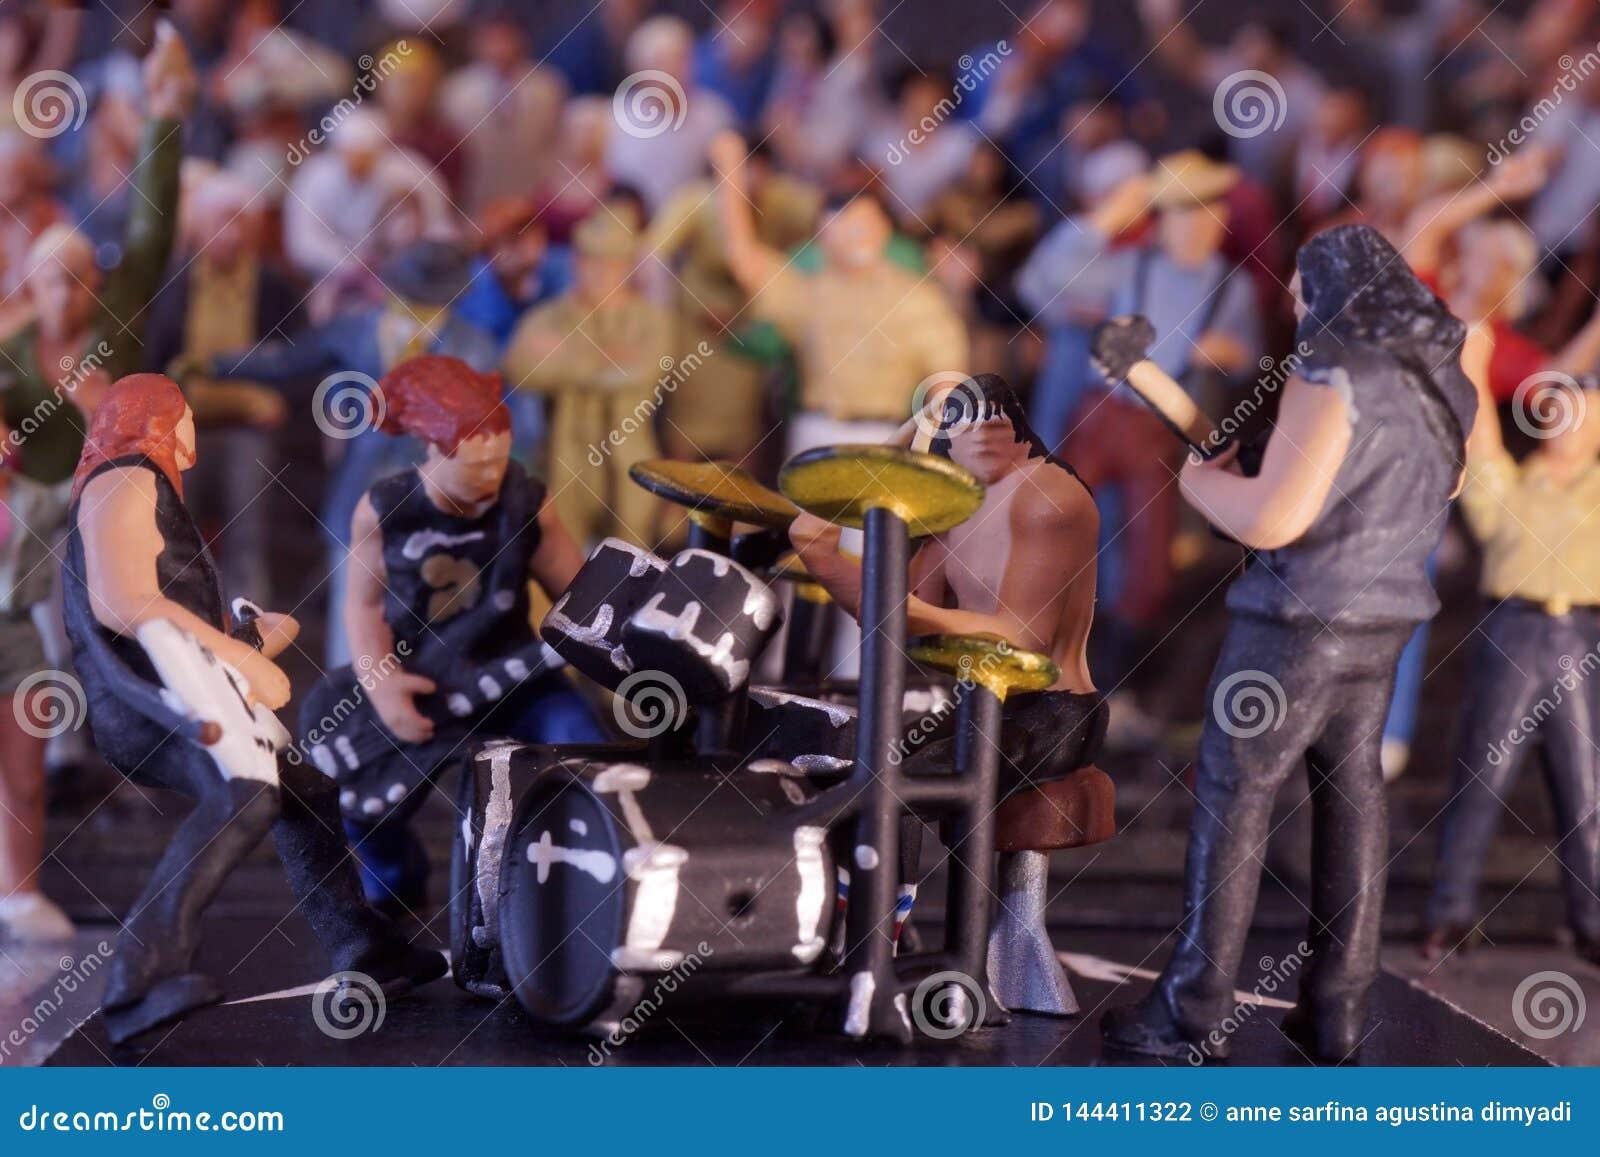 Música de banda miniatura que se realiza con la audiencia